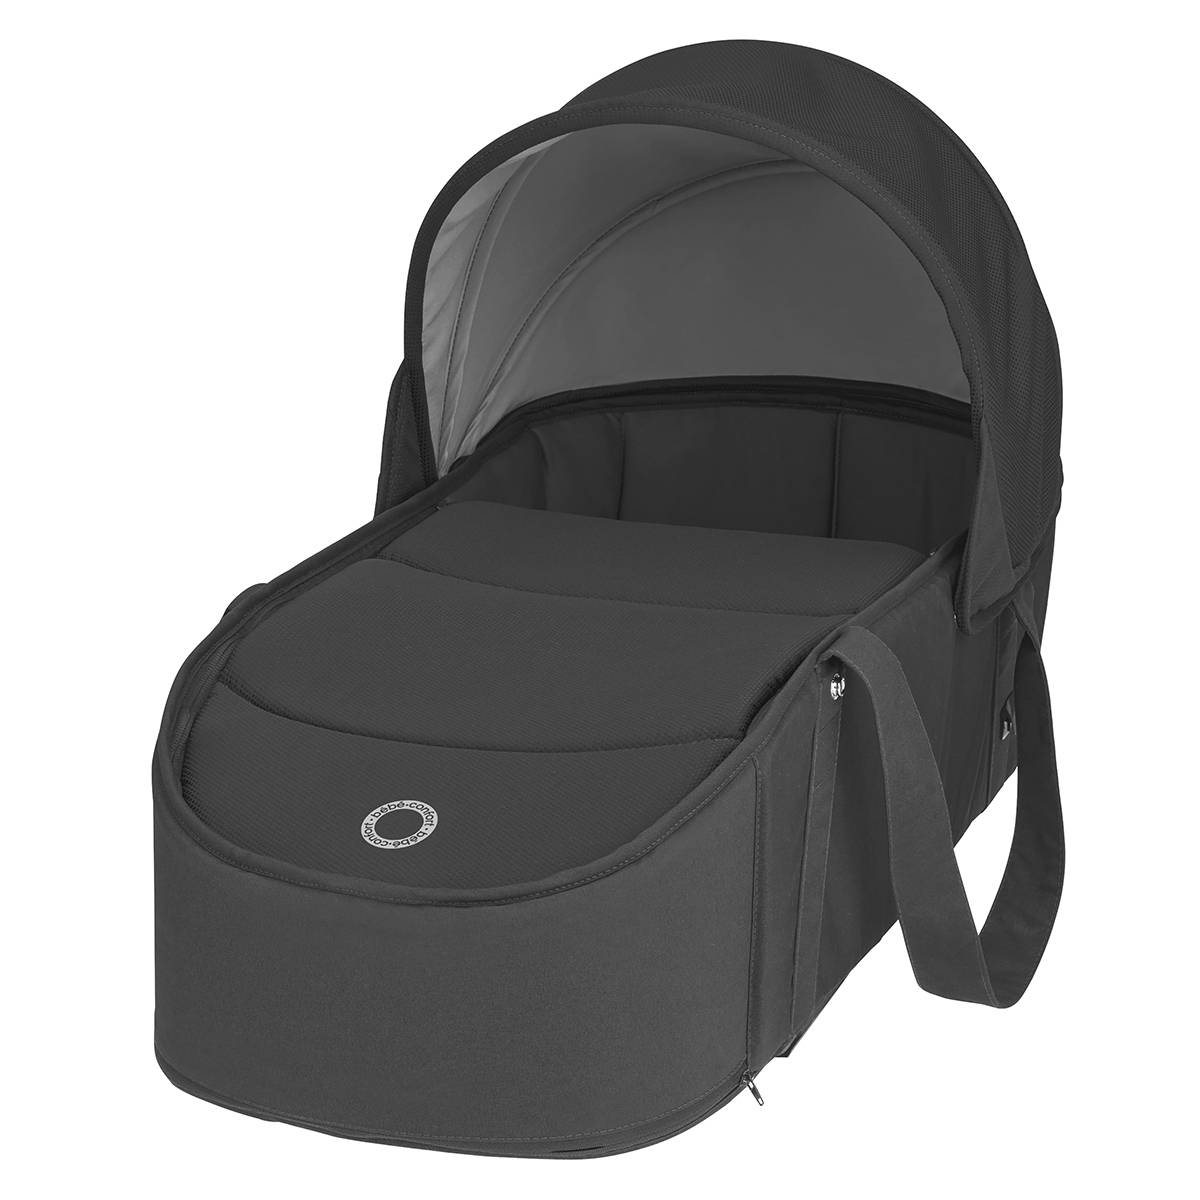 Bébé Confort Nacelle Laïka - Essential Black